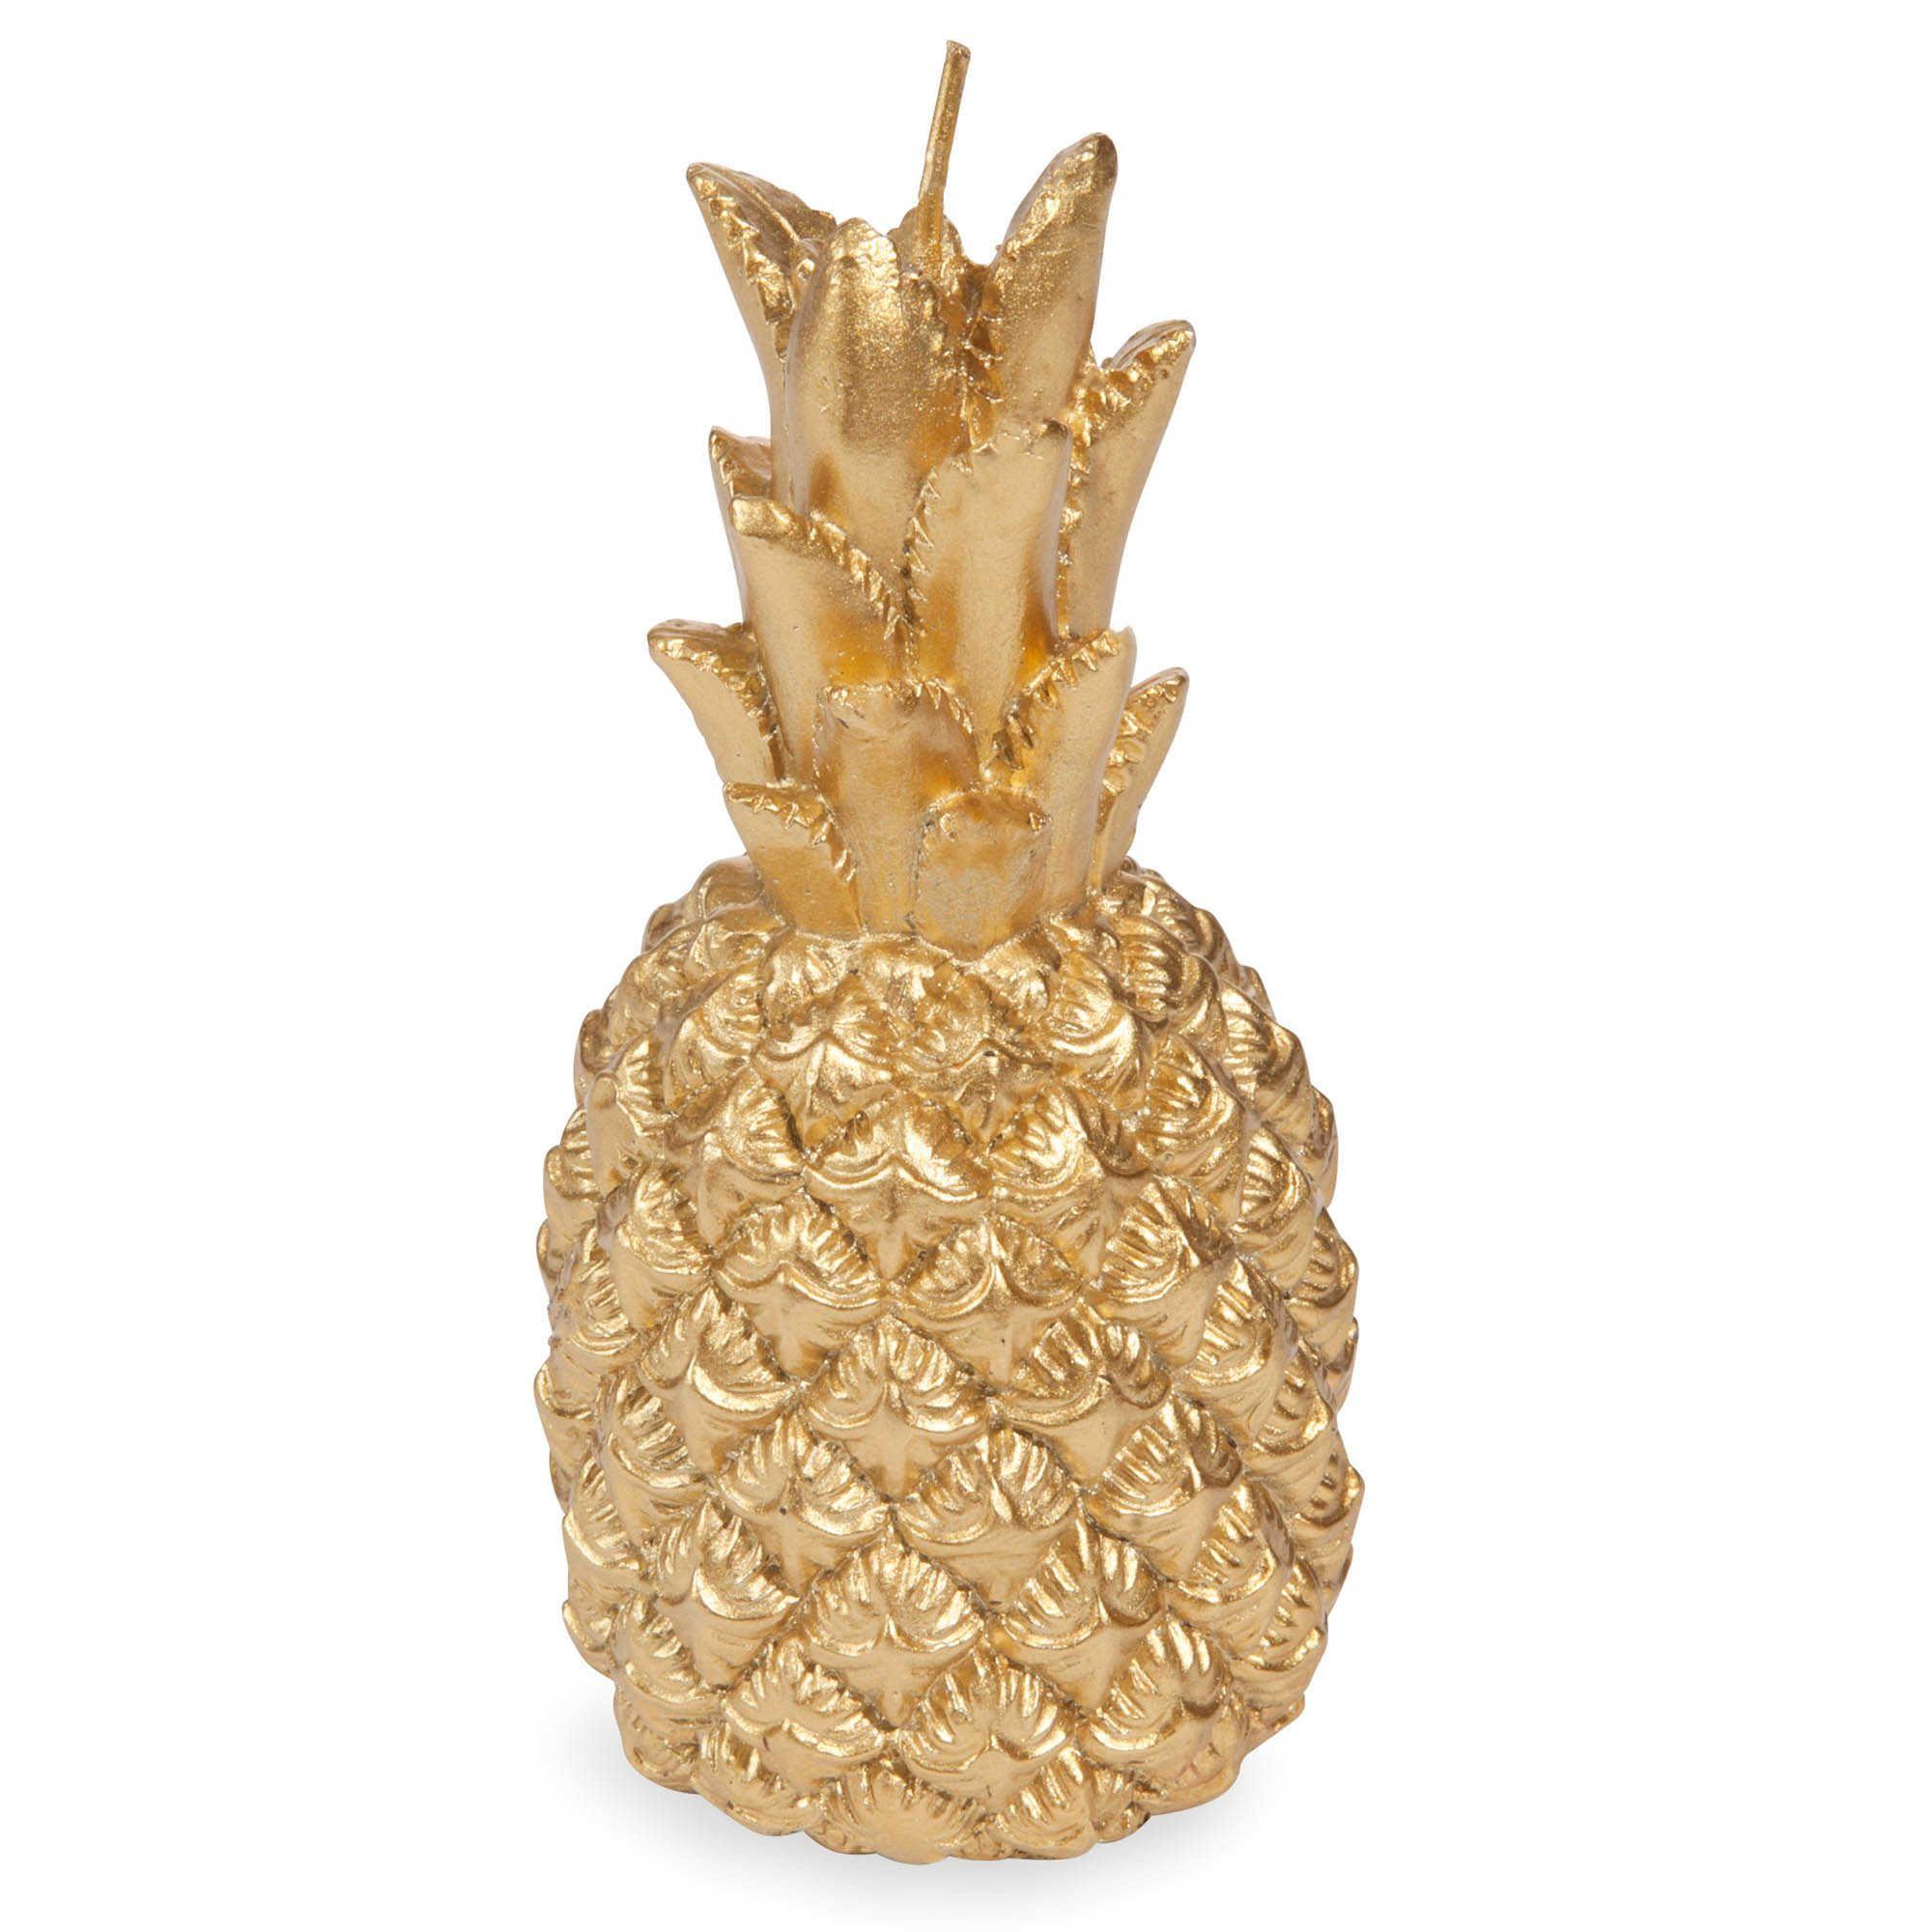 bougie ananas dor h 14 cm maisons du monde home sweet. Black Bedroom Furniture Sets. Home Design Ideas